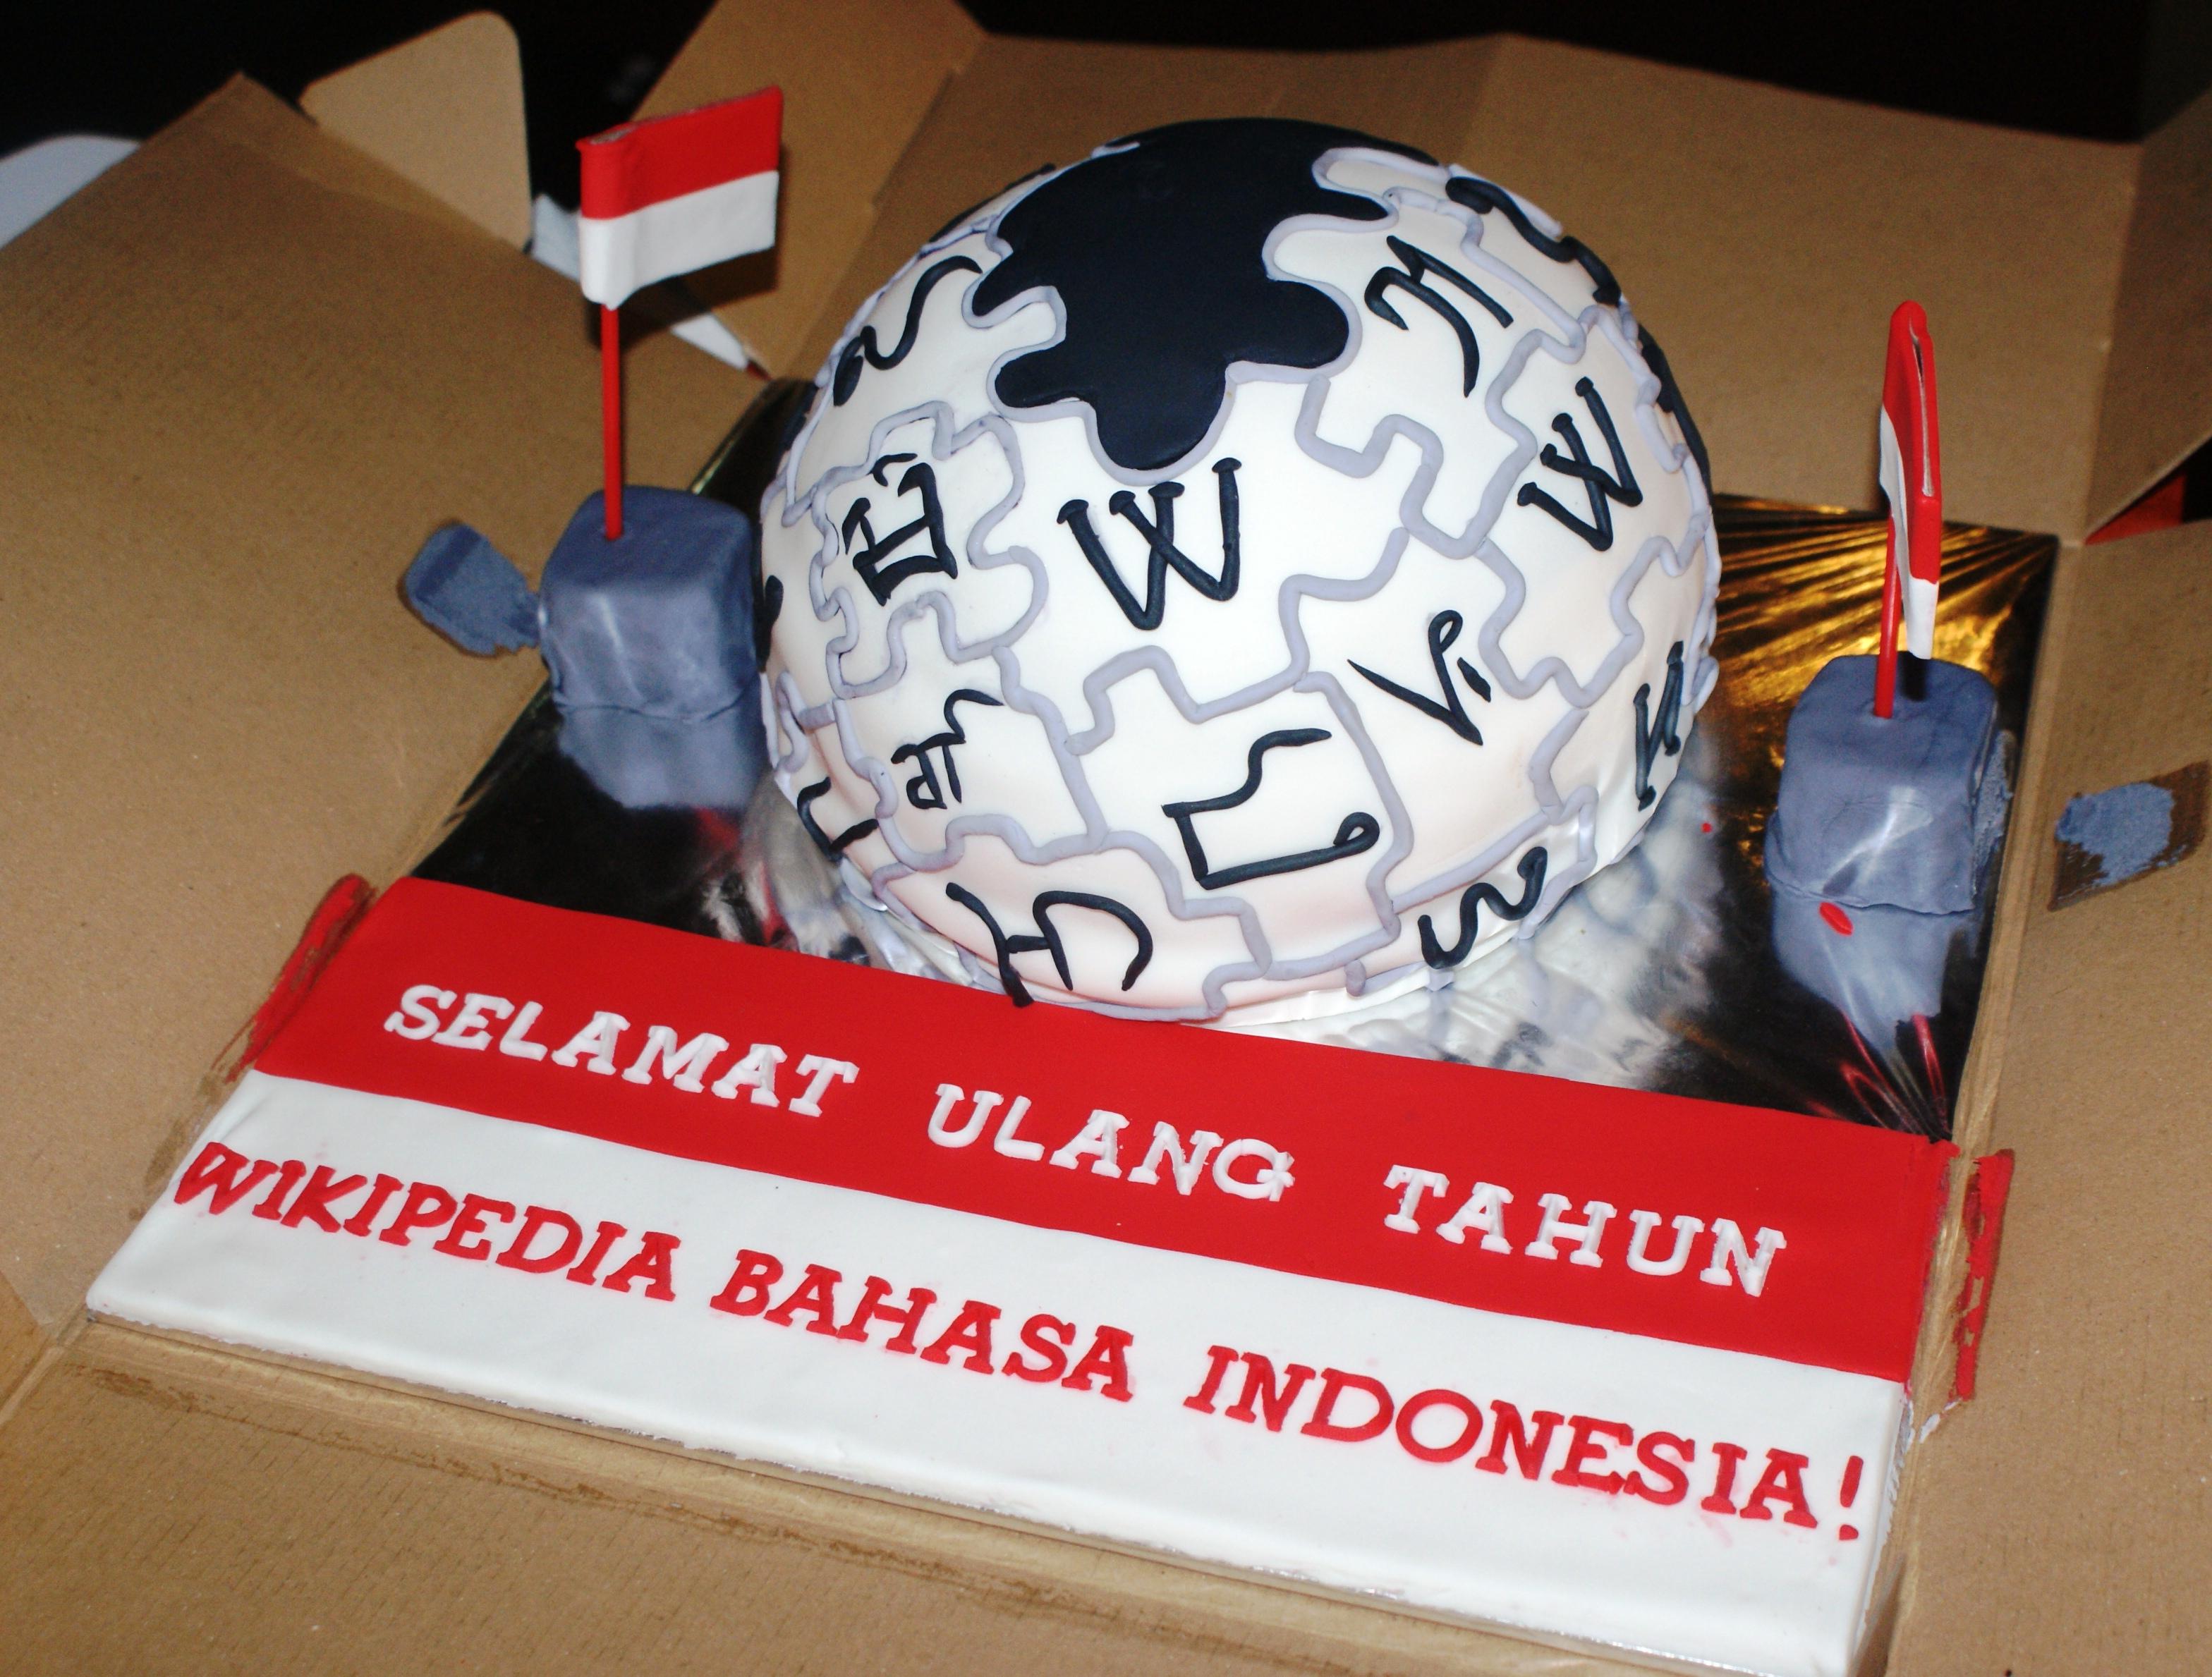 FileIndonesian Wikipedia 10th birthday cakeJPG Wikimedia Commons